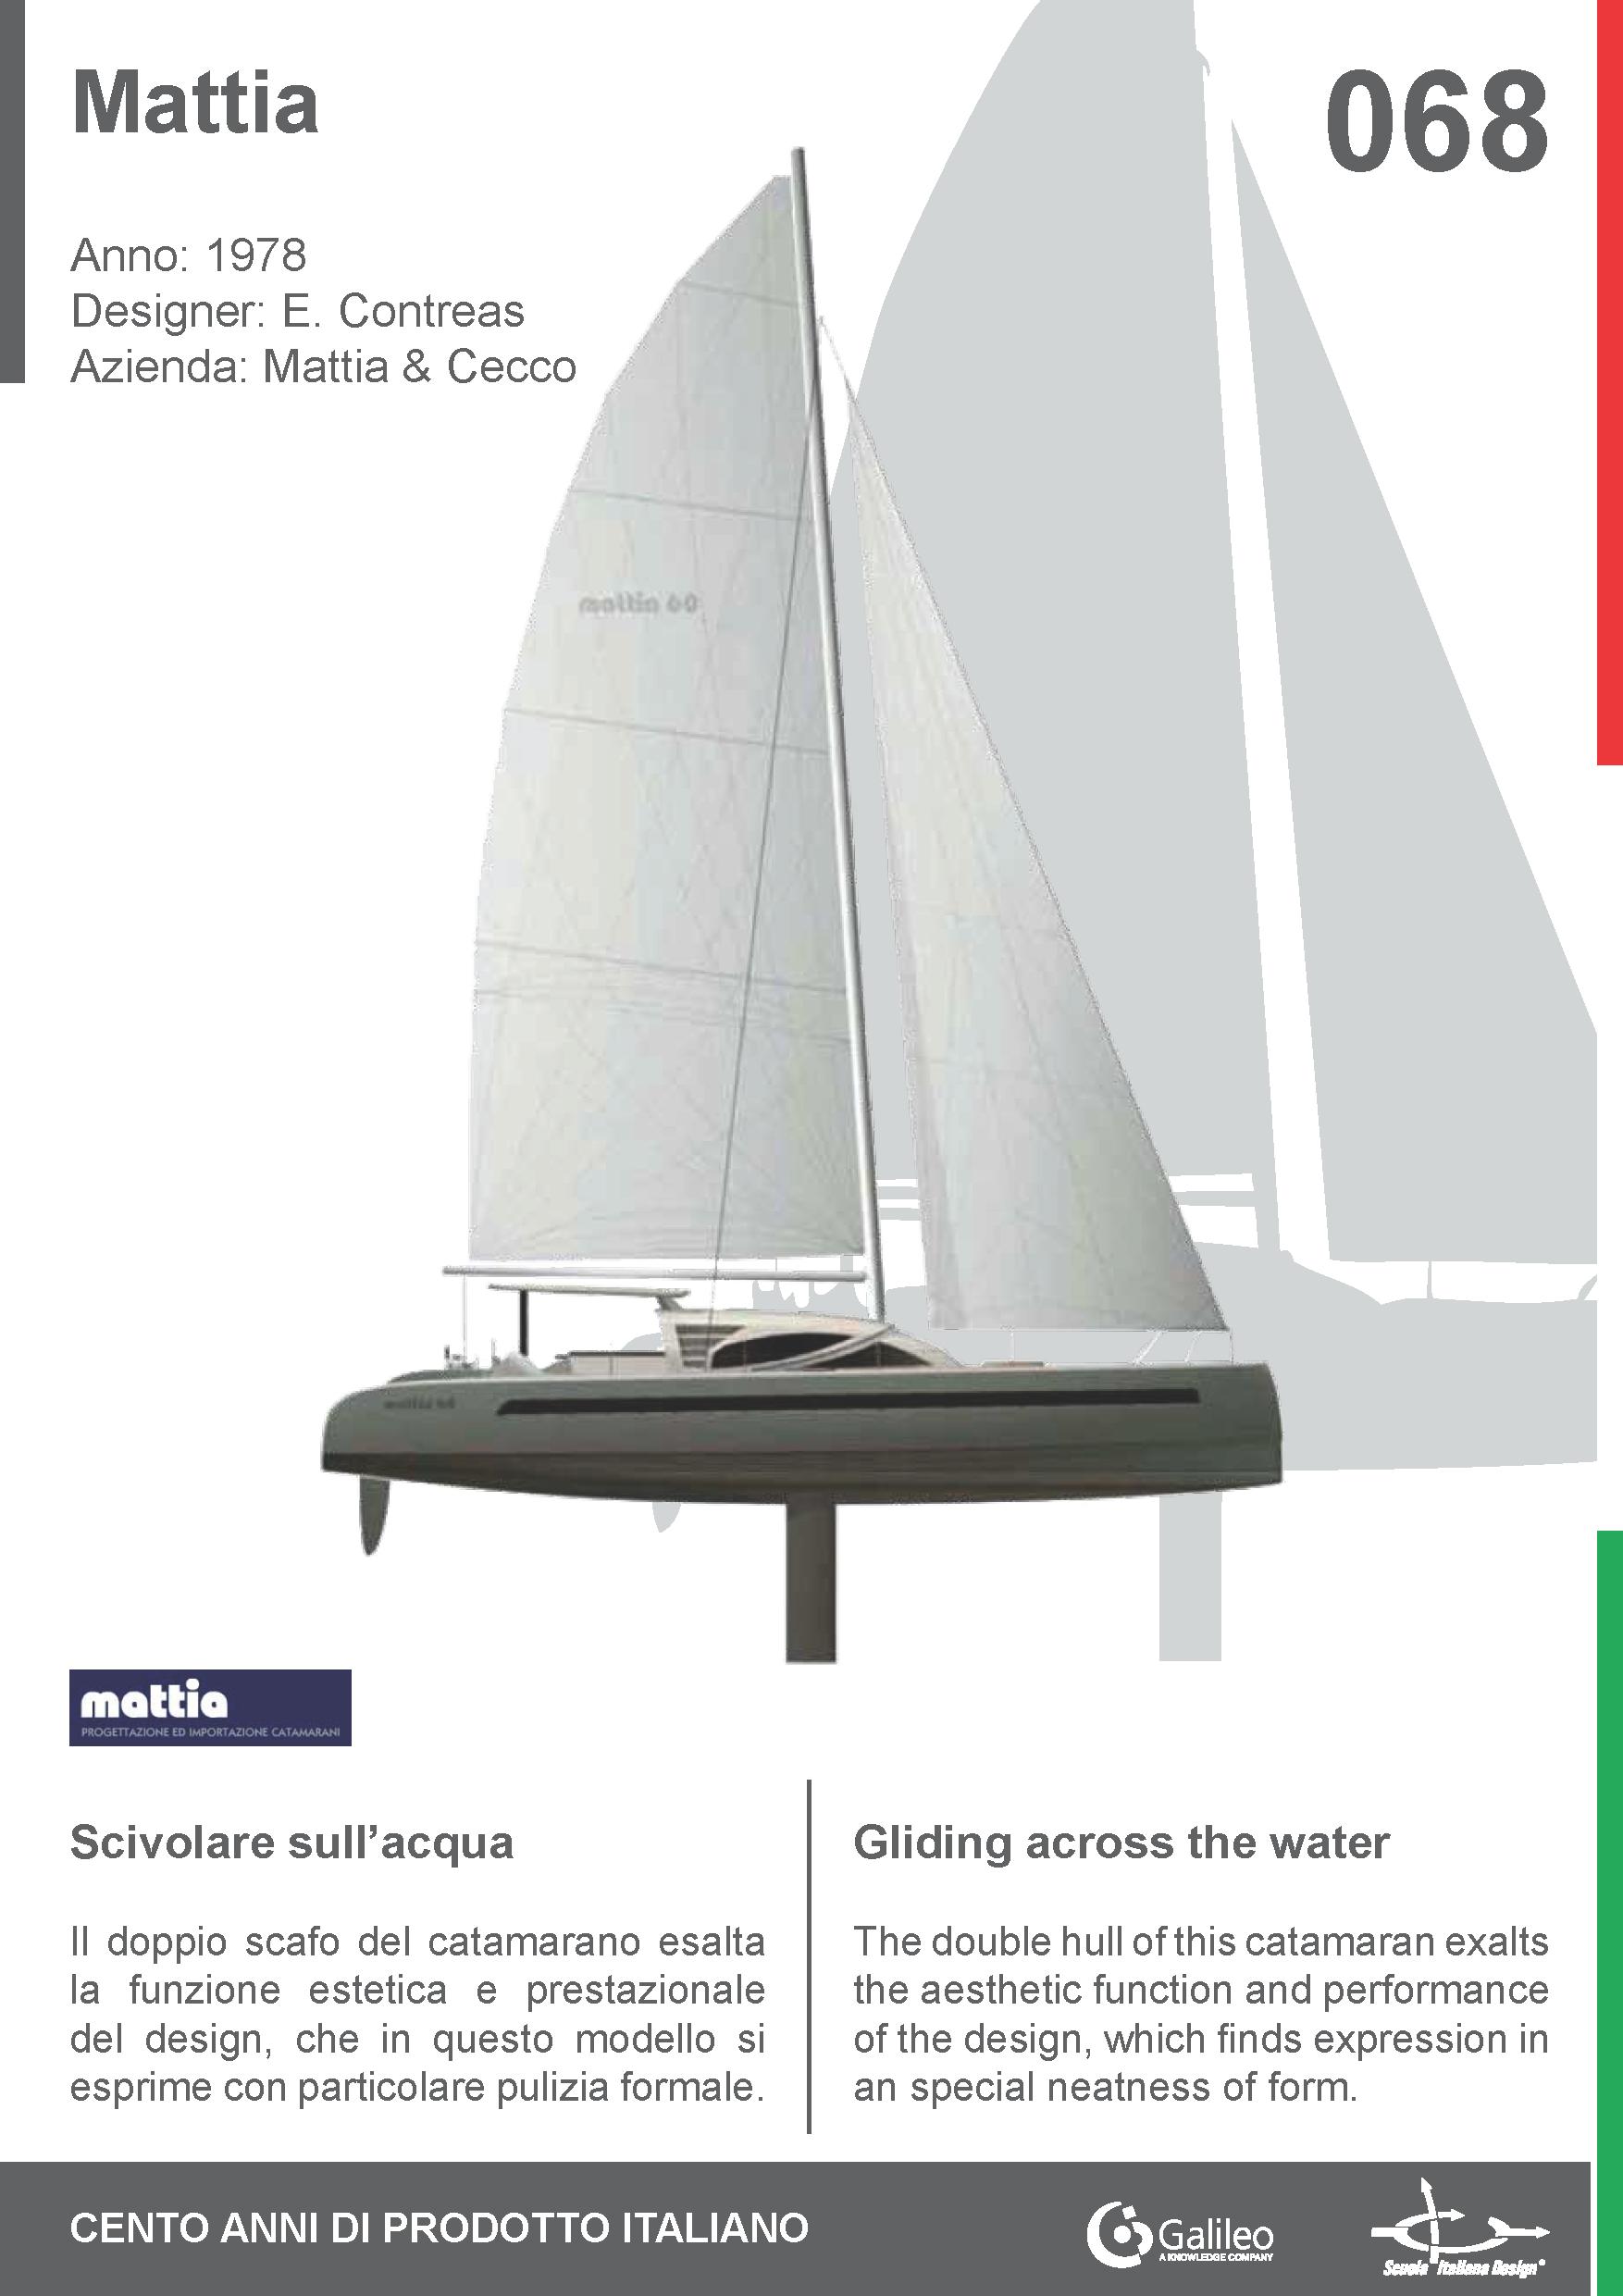 Mattia by Enrico Contreas for Mattia e Cecco (1978) #catamaran #navigation